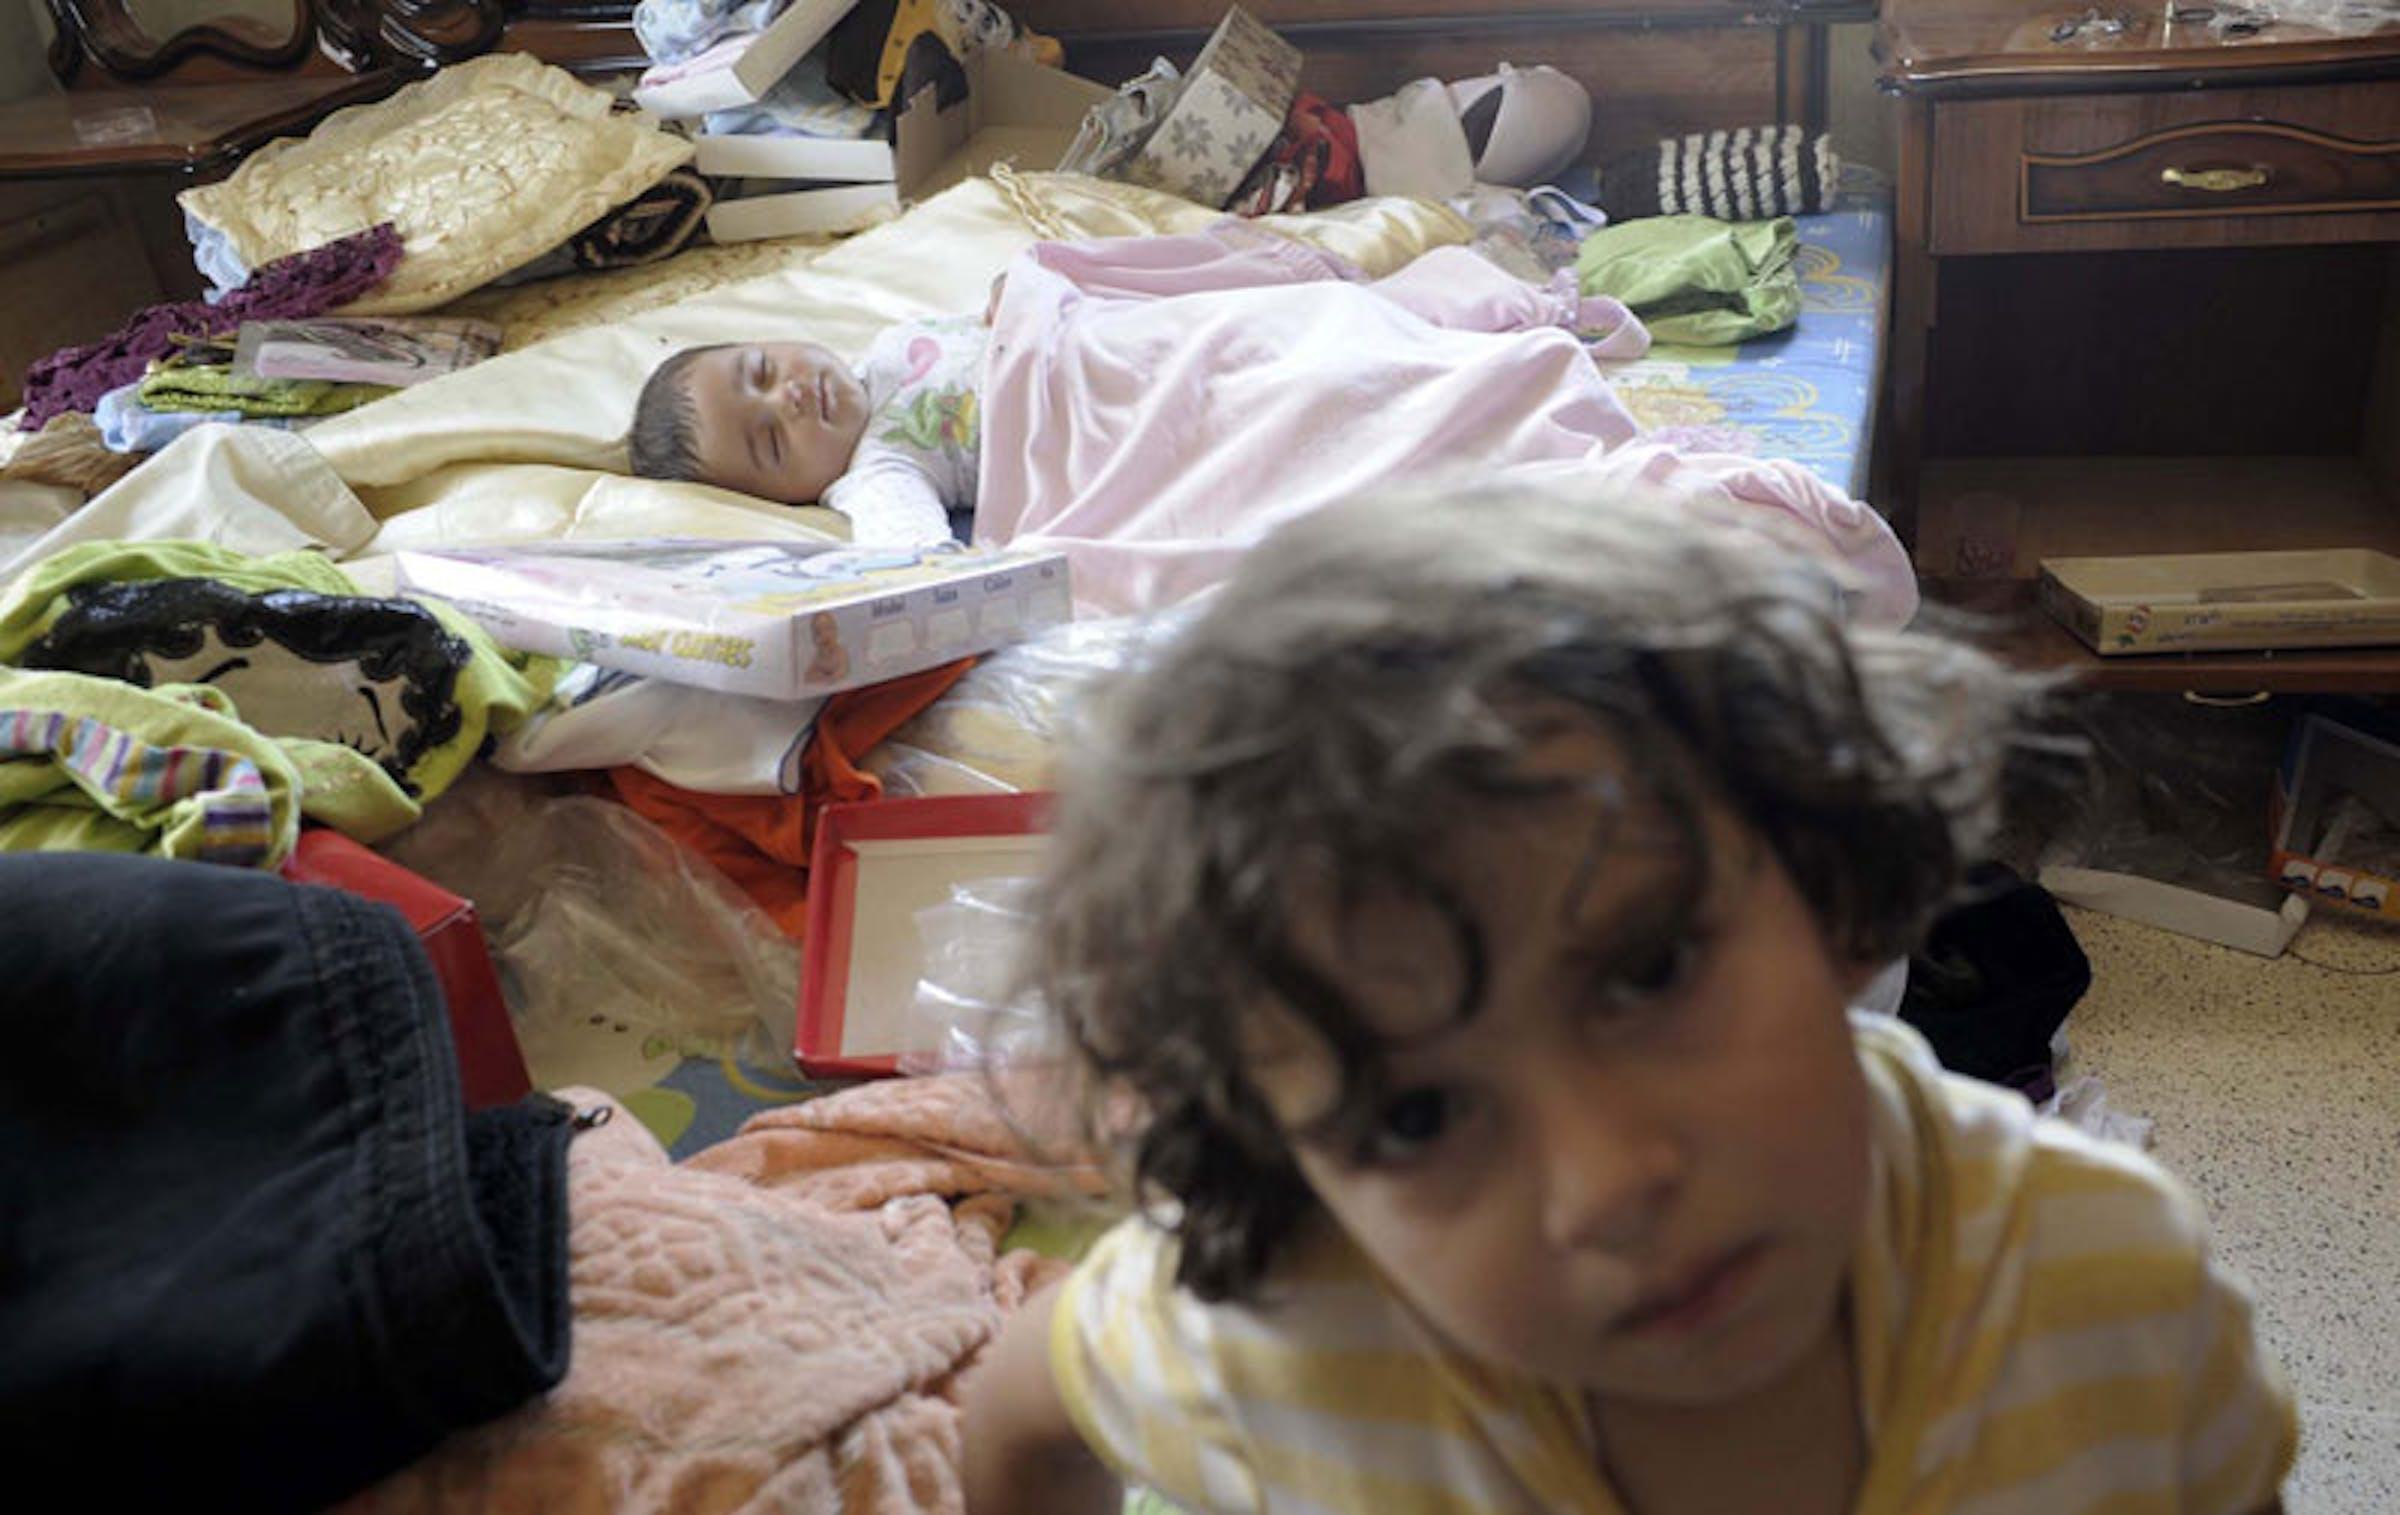 Bambini in un appartamento dopo la perquisizione dell'esercito in cerca di armi. La foto è stata scattata in una città della Siria a inizio luglio 2012 - ©UNICEF/NYHQ2012-0699/Alessio Romenzi